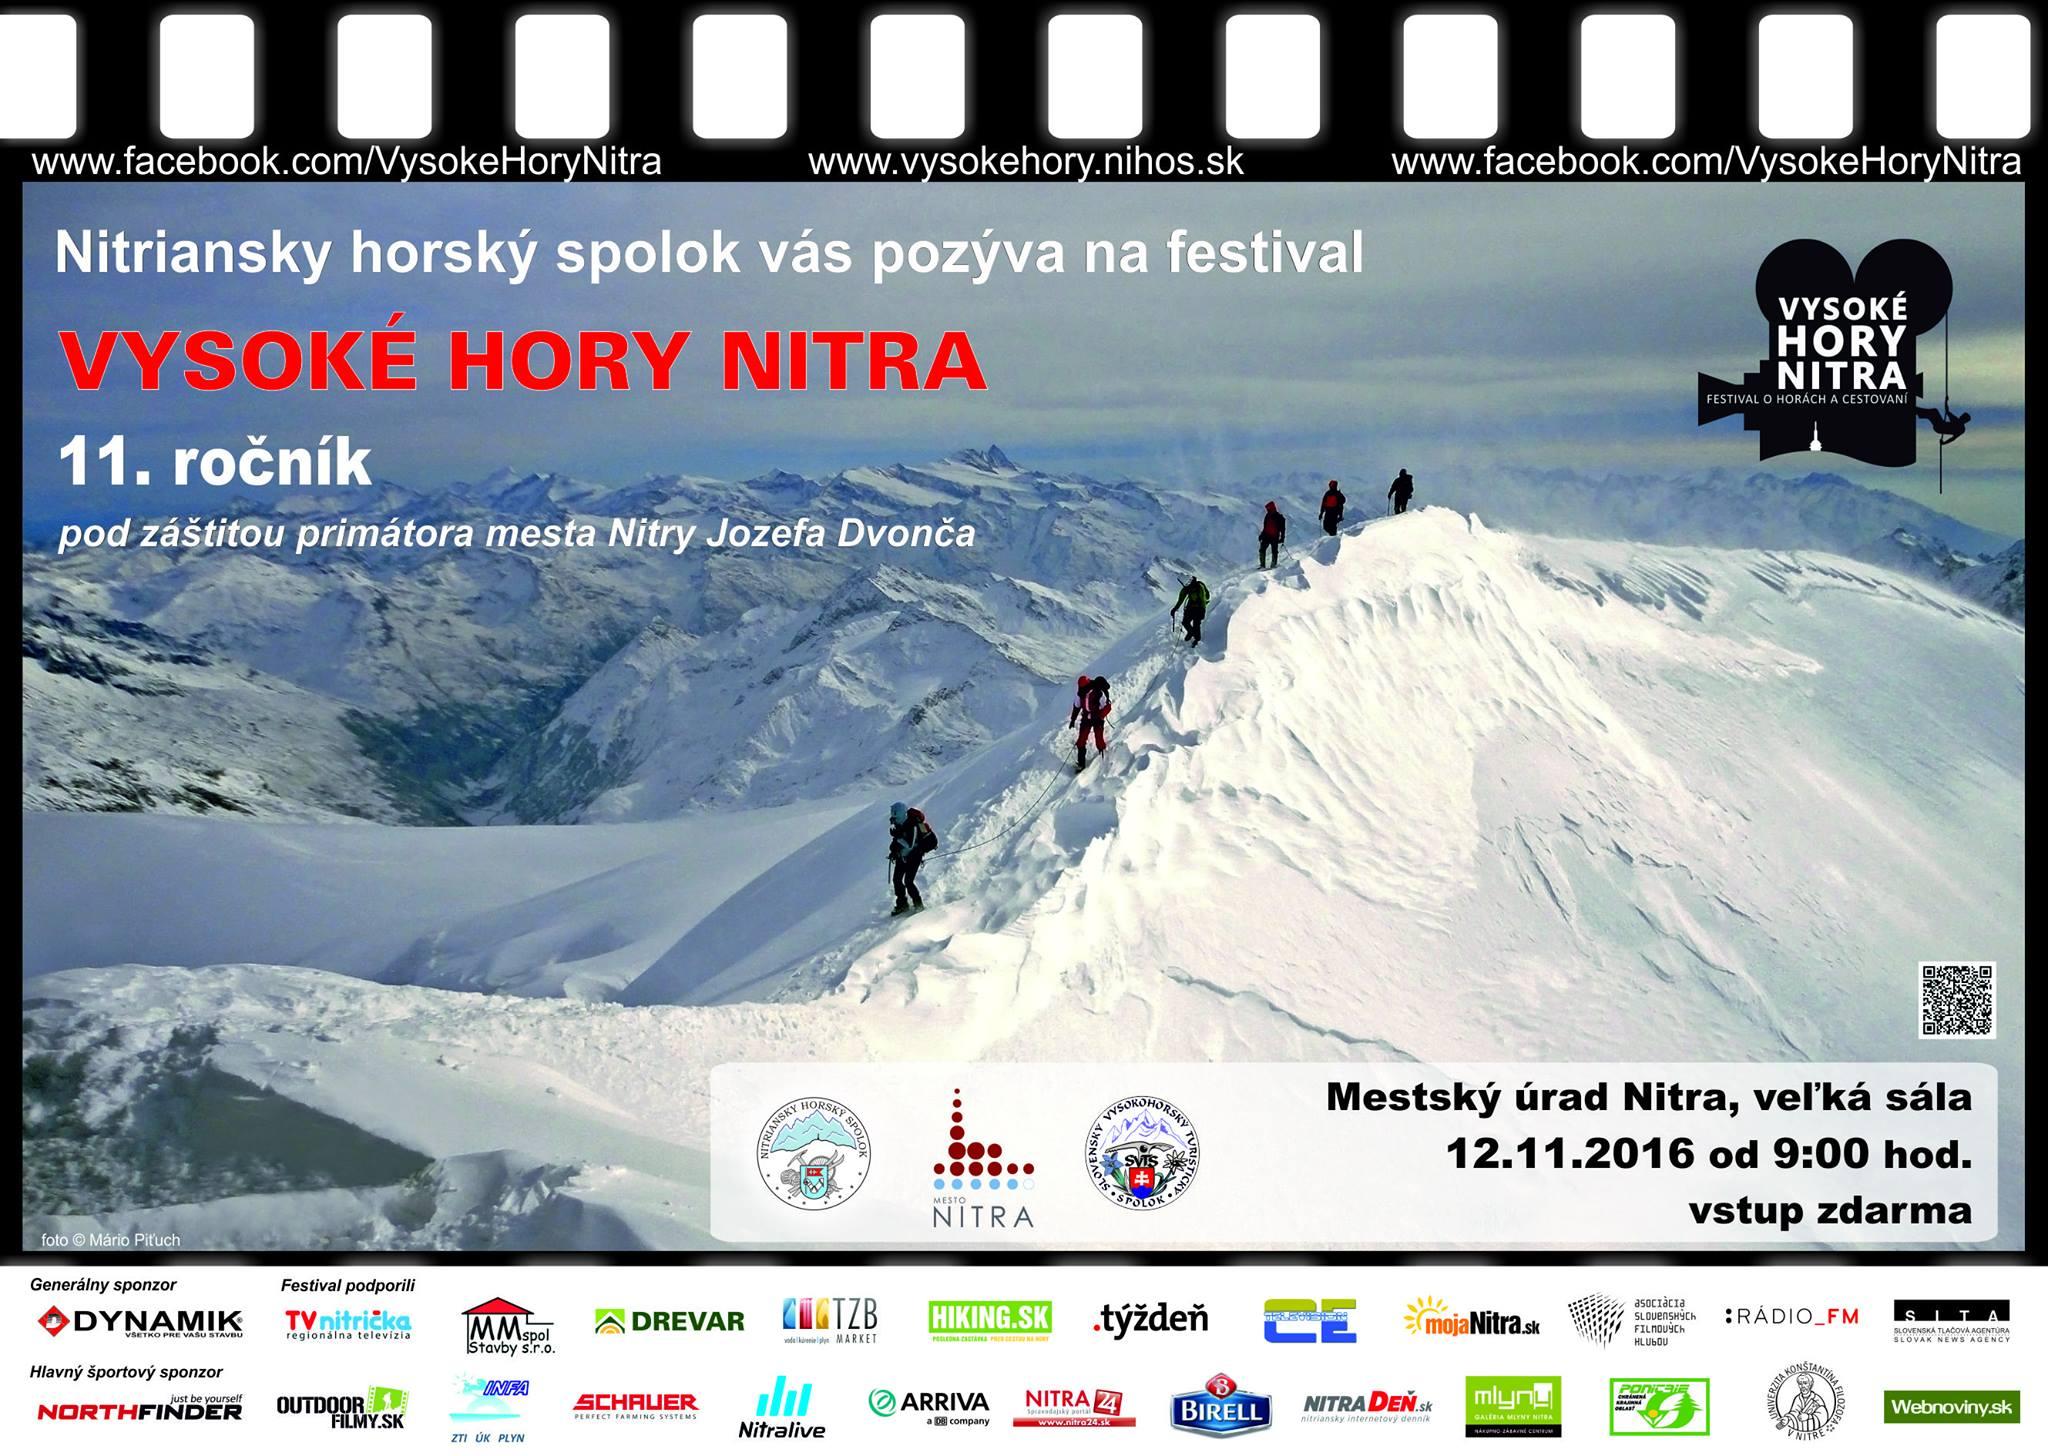 Expresky z hôr 36 - Vysoké hory Nitra 2016, zdroj: FB page festival Vysoké hory Nitra